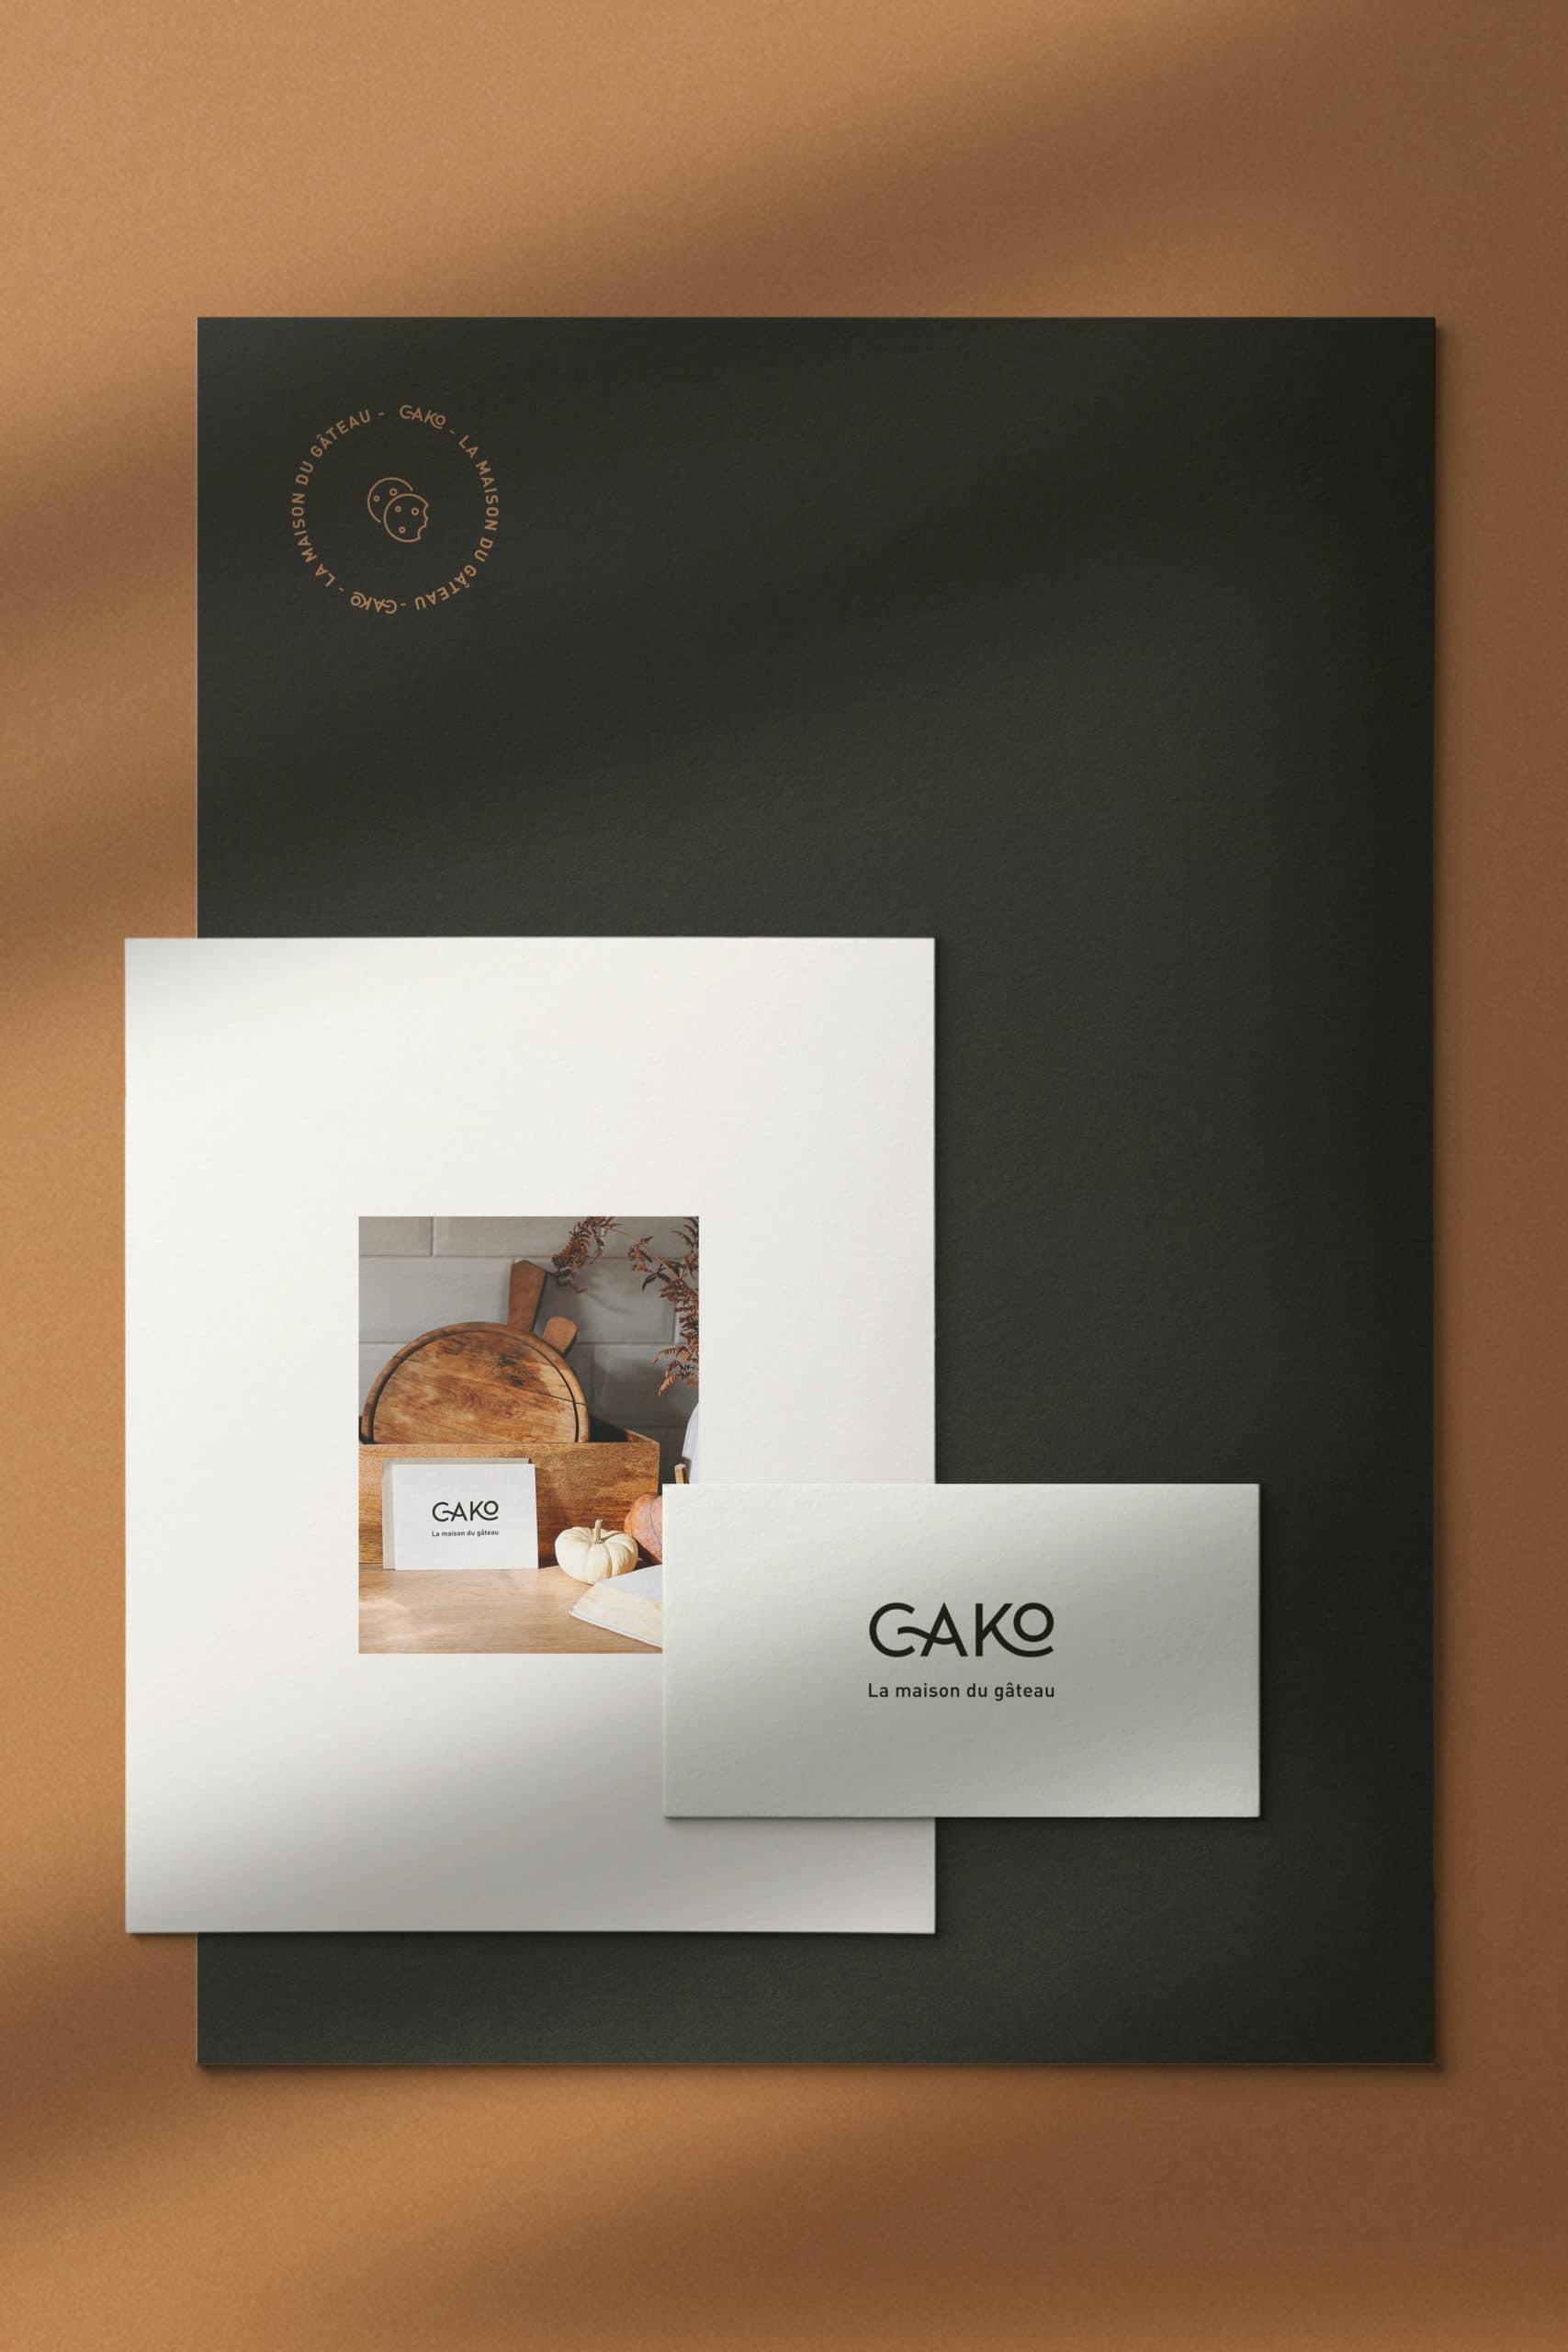 design de trois documents réalisé pour le restaurant cako posé sur un fond marron